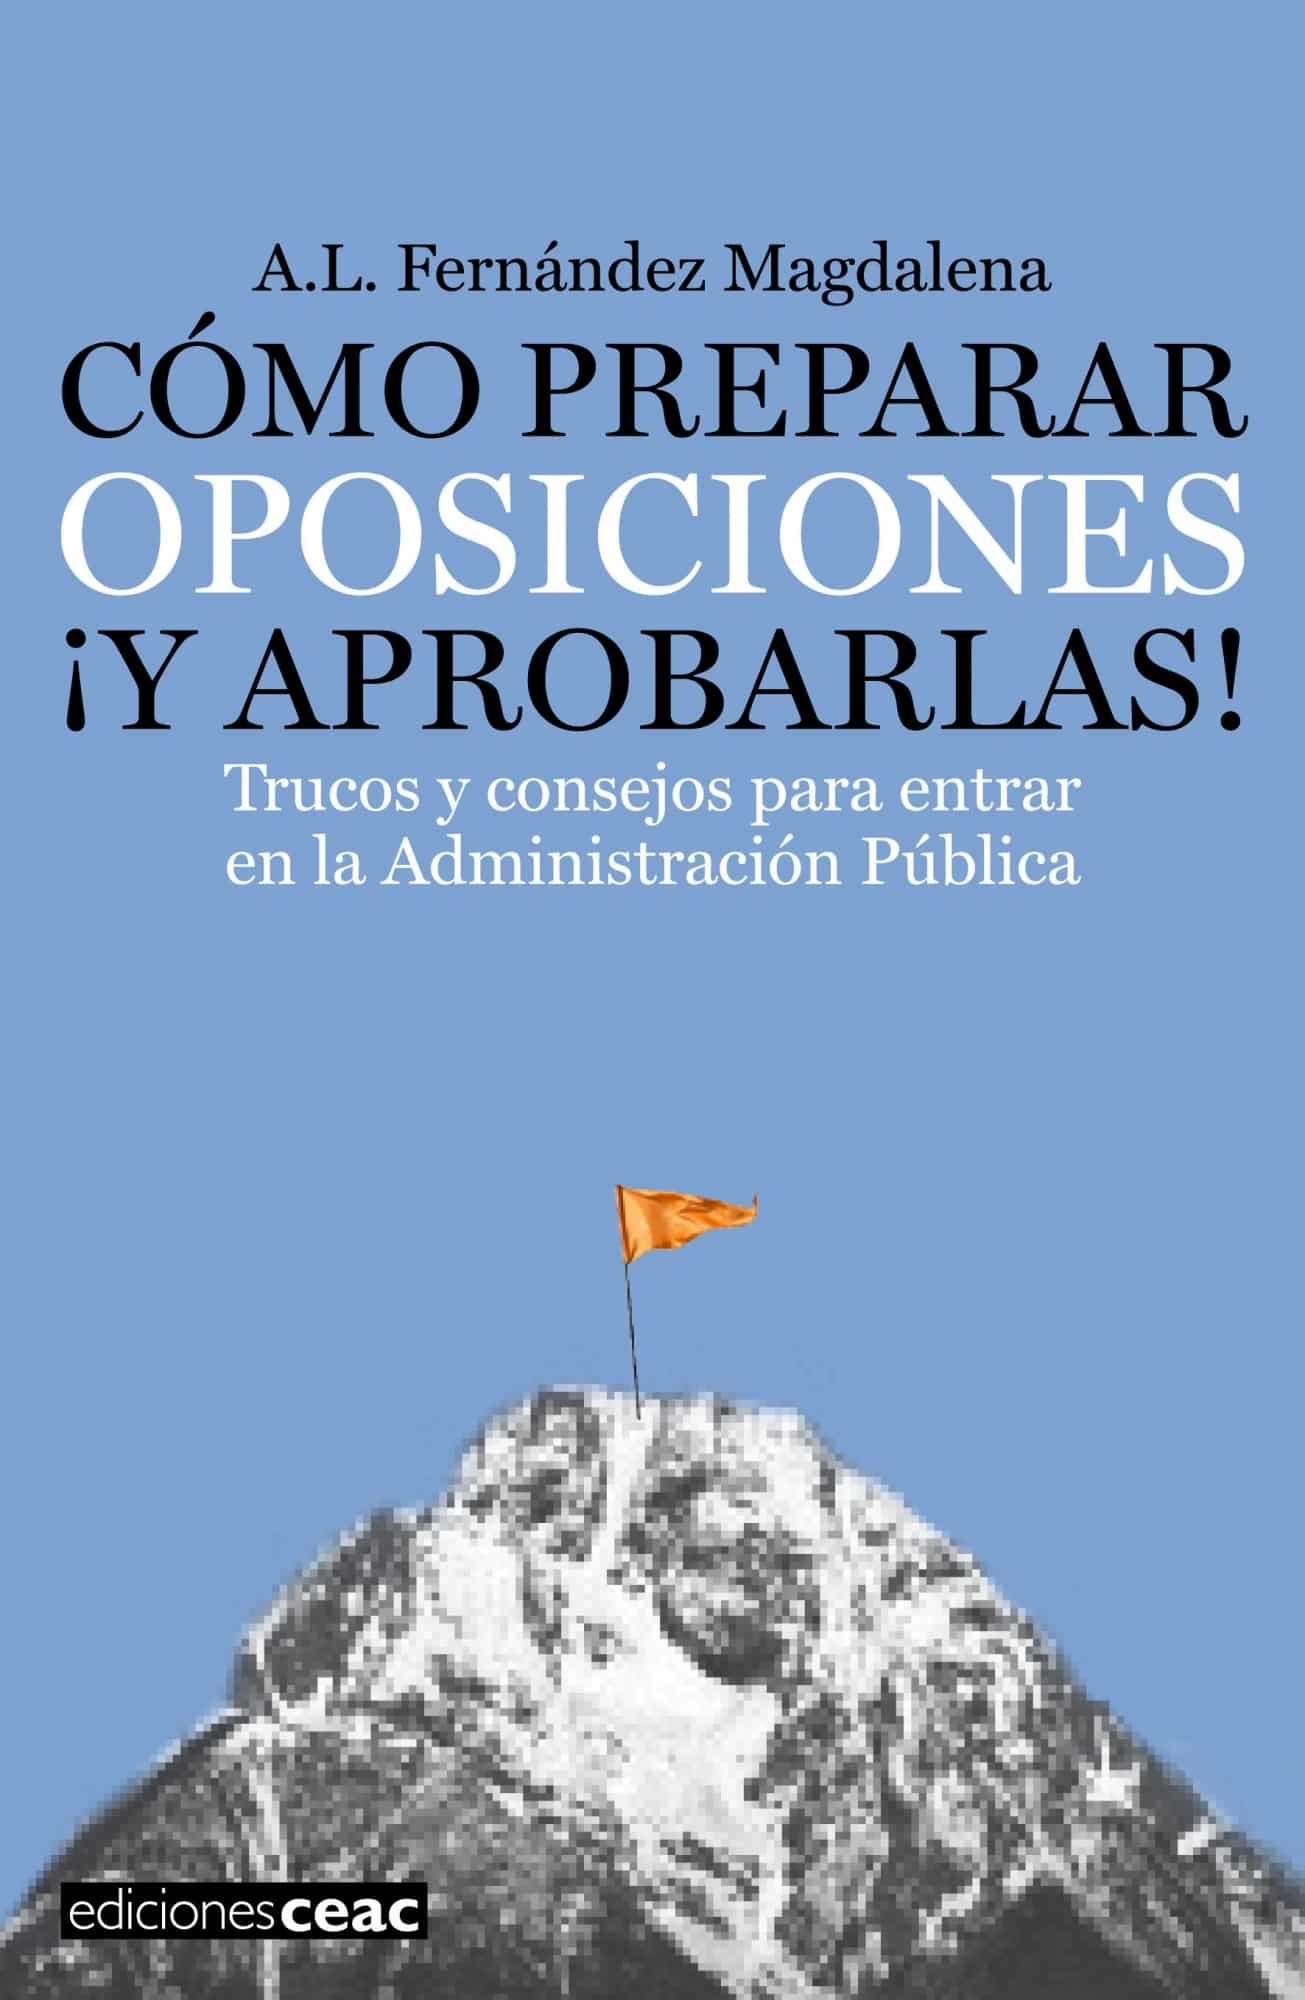 Como Preparar Oposiciones ¡y Aprobarlas!: Trucos Y Consejos Para Entrar En La Administracion Publica por A. L. Fernandez Magdalena